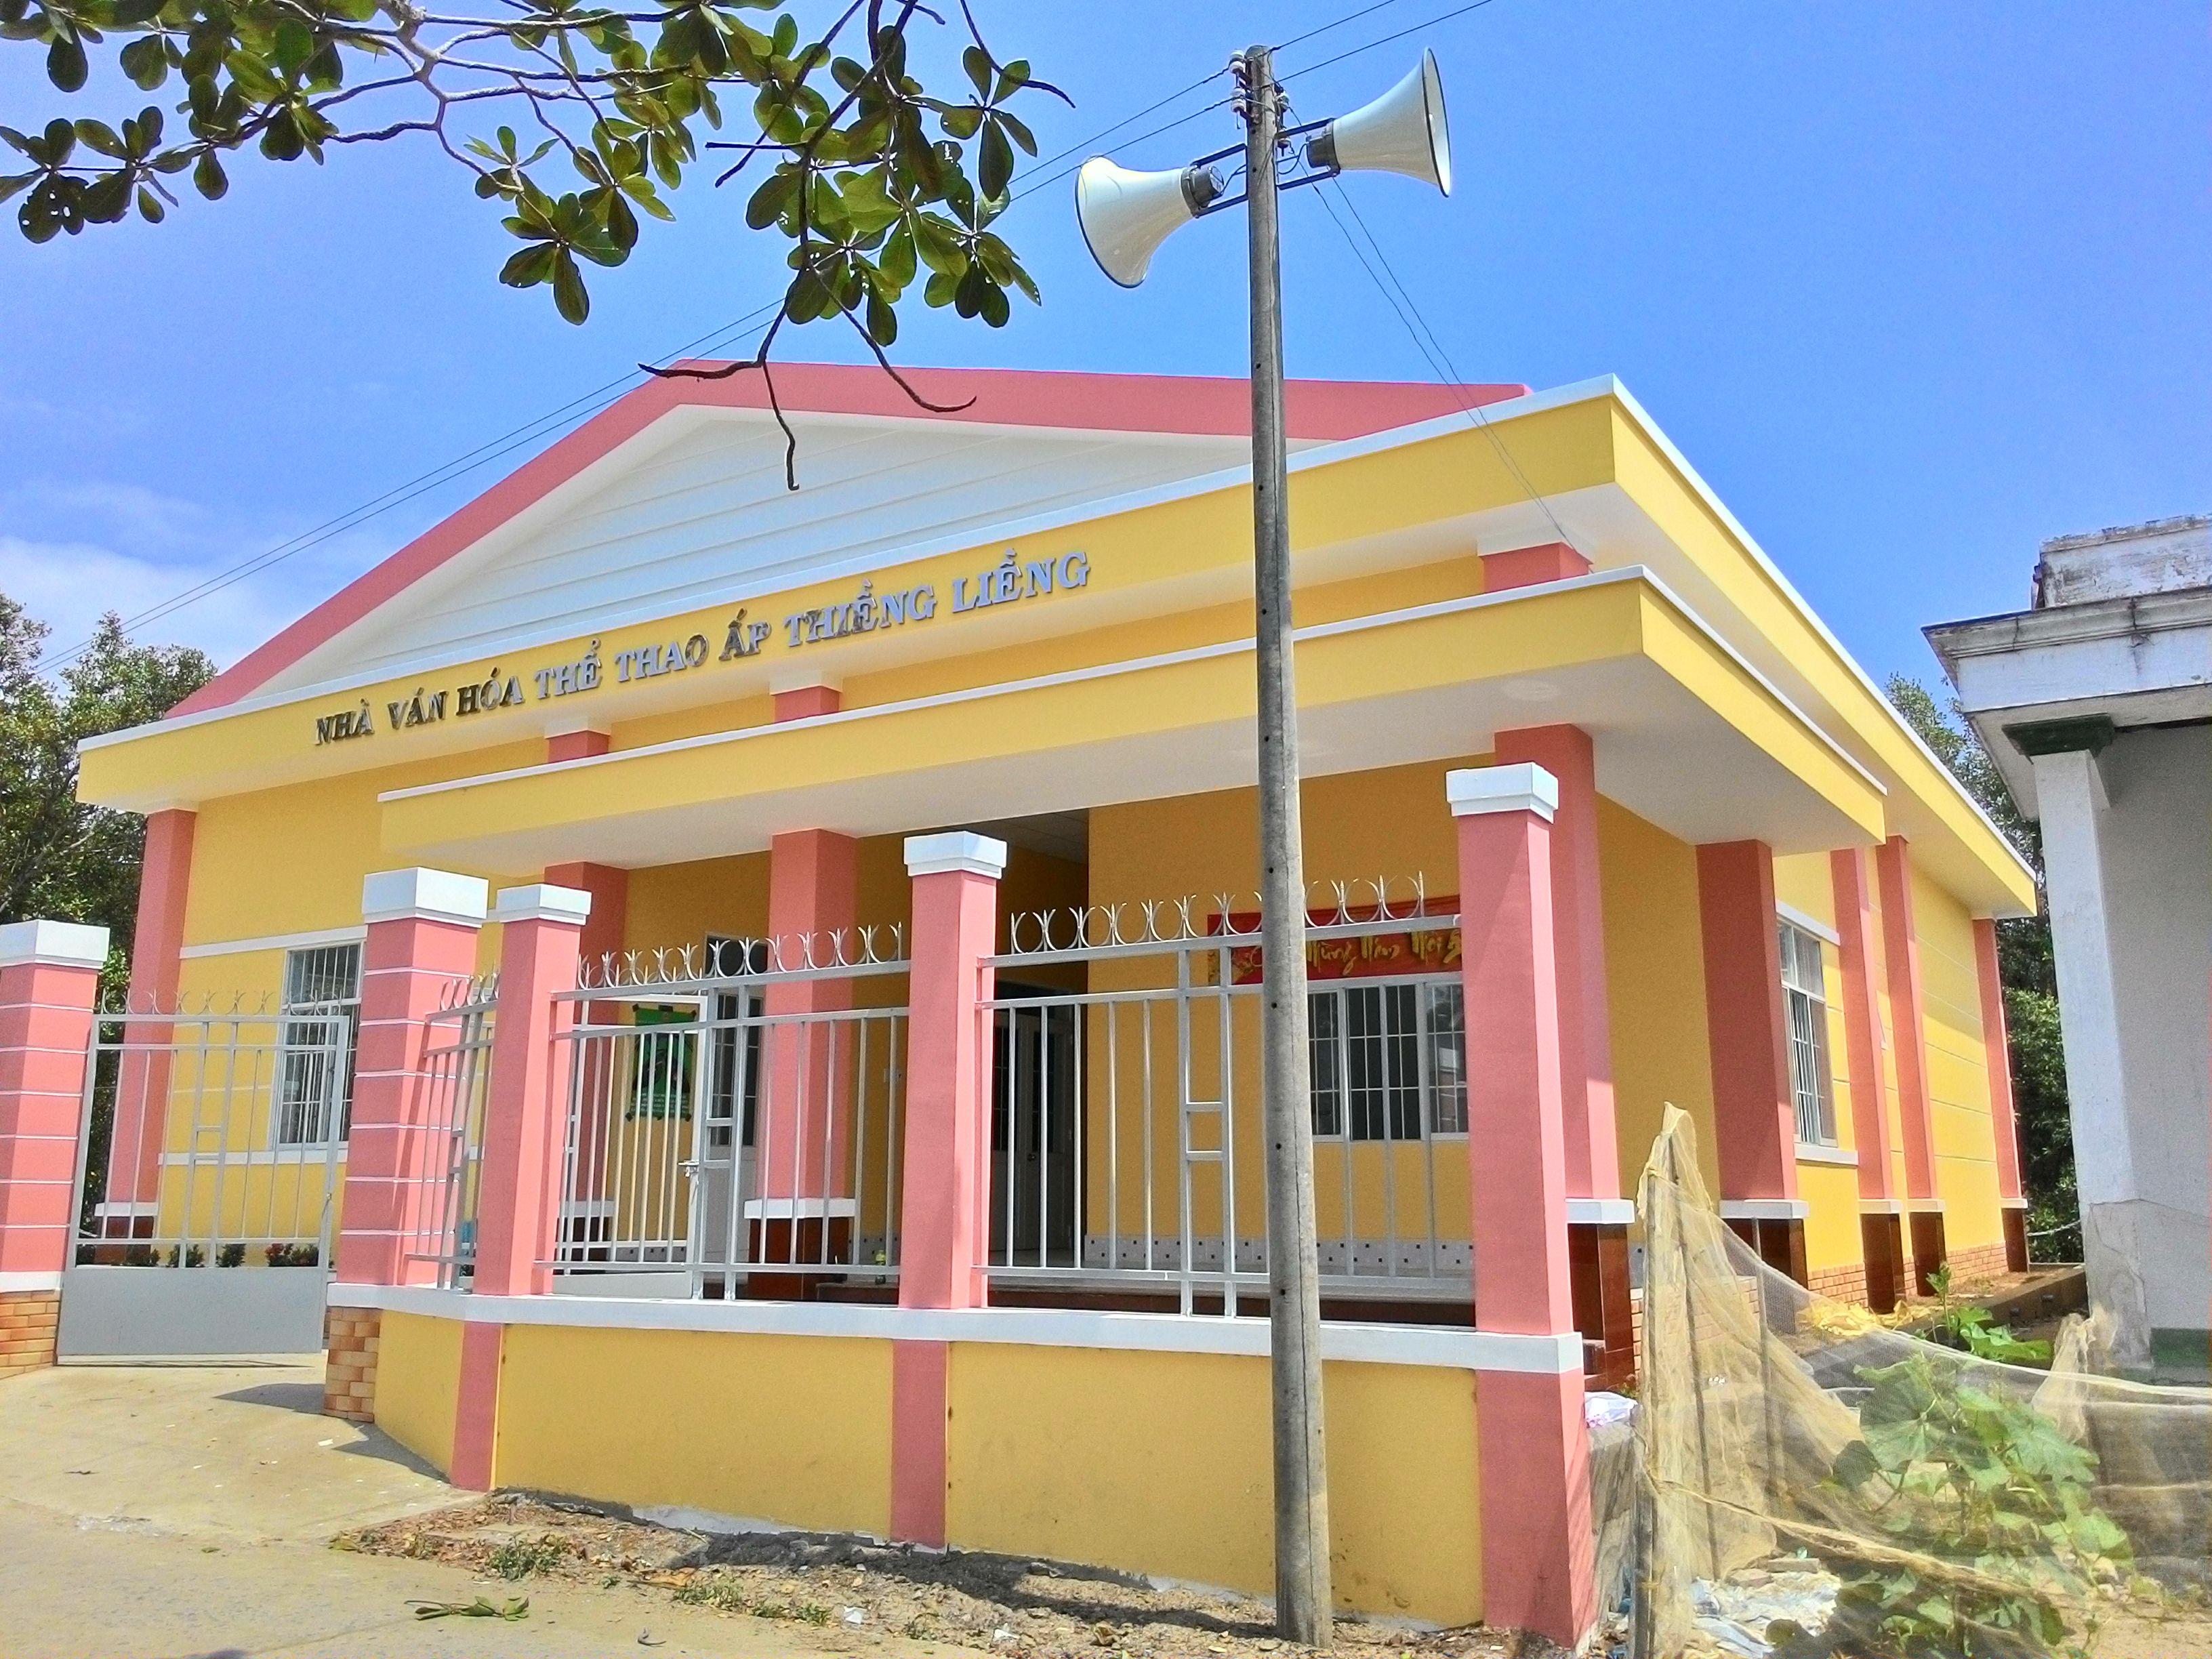 Lắp đặt hệ thống truyền thanh có dây cho Xã Thạnh An - Huyện Cần Giờ - TPHCM